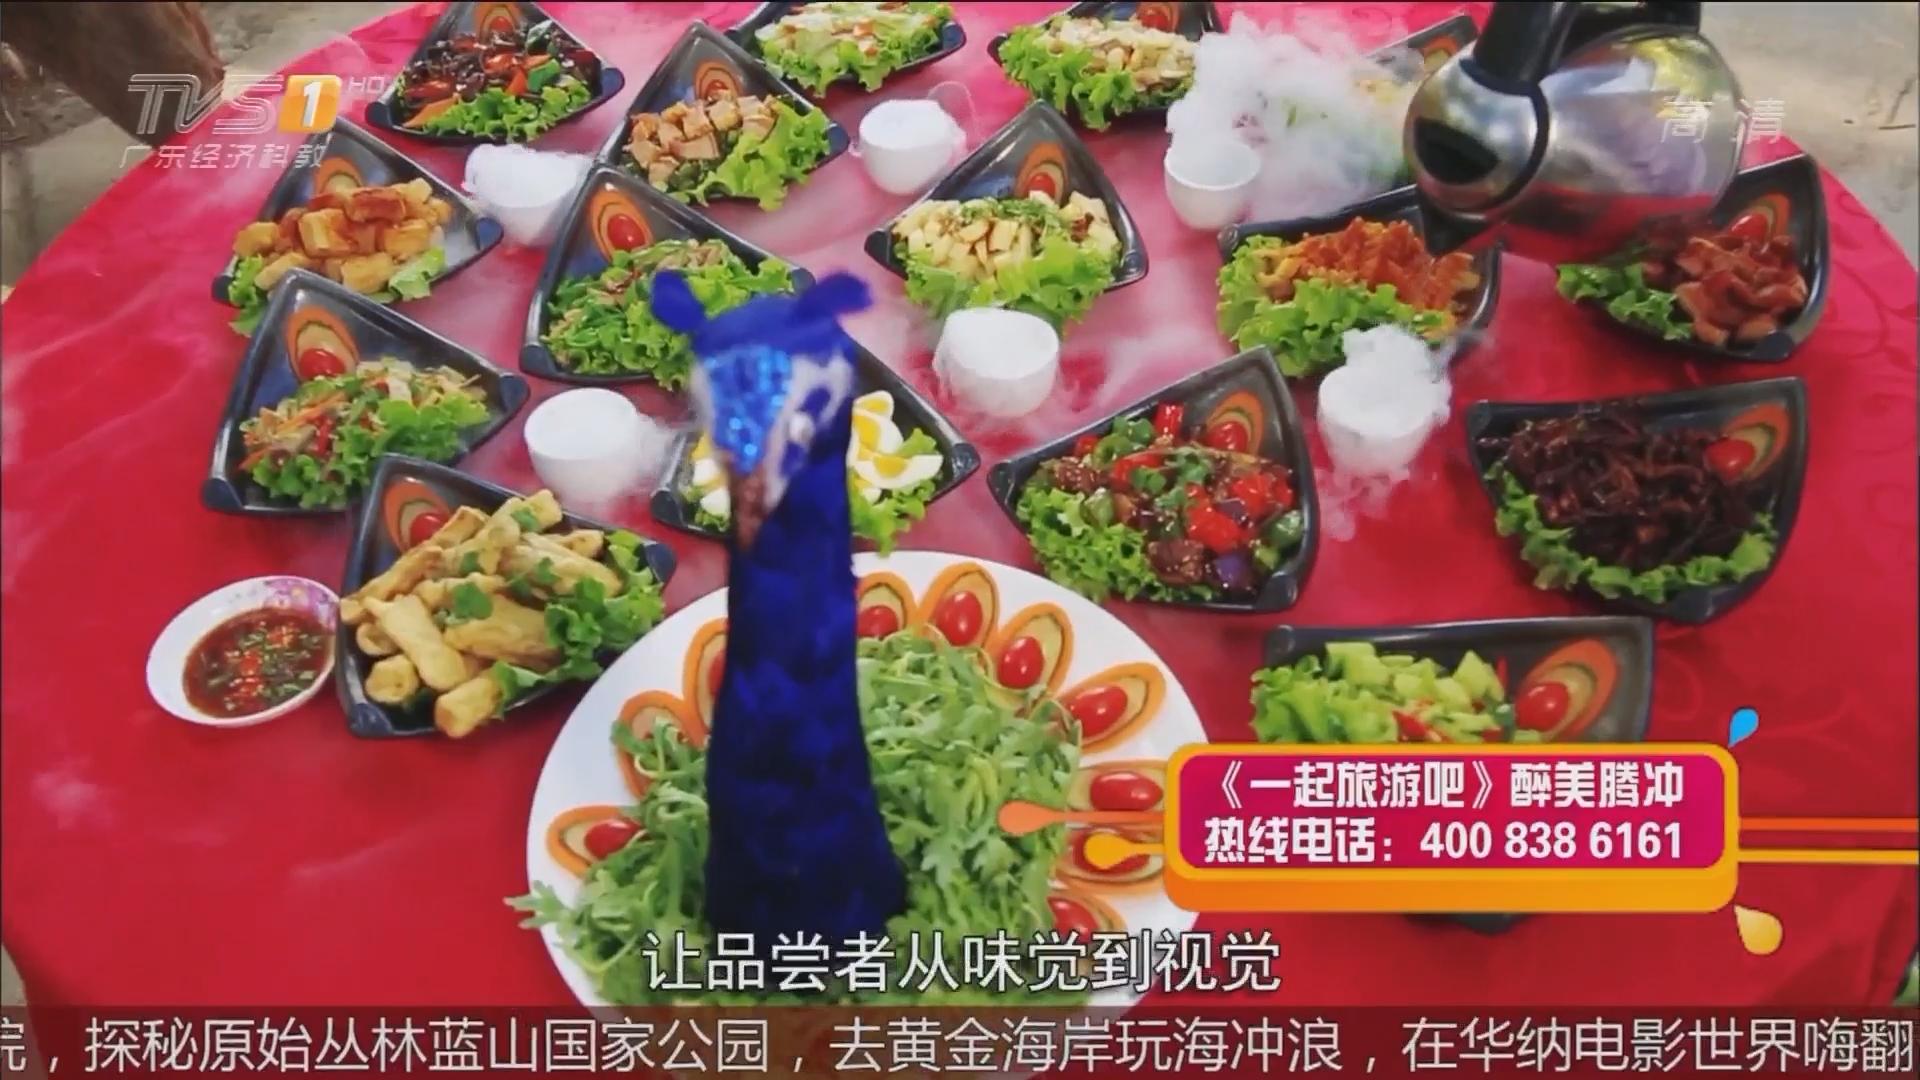 腾冲——瑶台孔雀宴